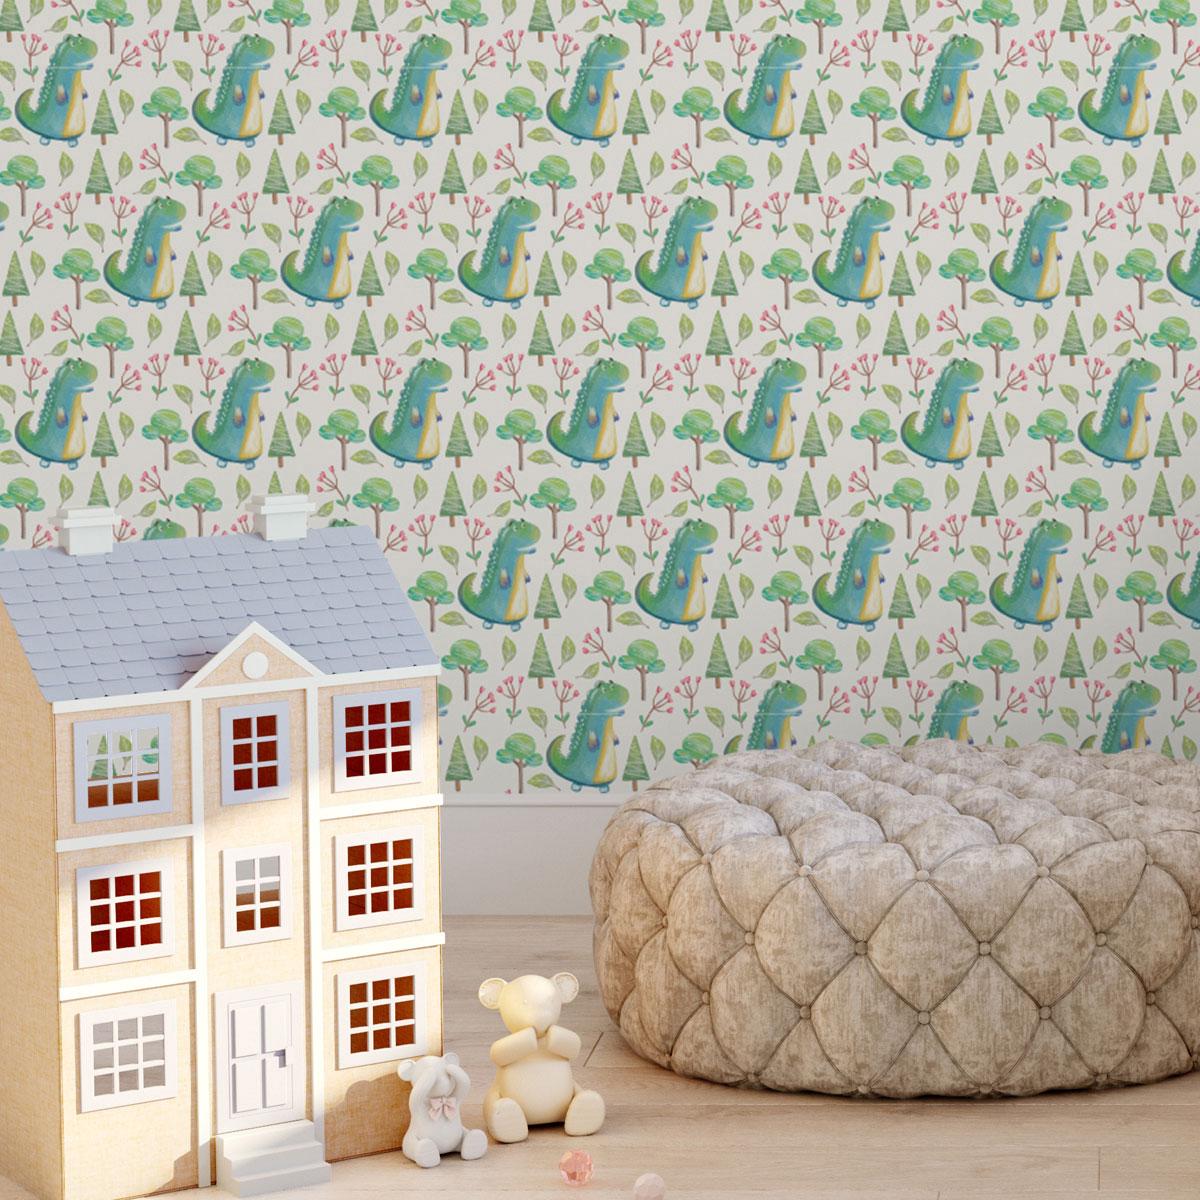 lustige Kinder Tapete mit kleinen Drachen im Zauberwald auf beige angepasst an Farrow and Ball Wandfarben- Vliestapete Figuren